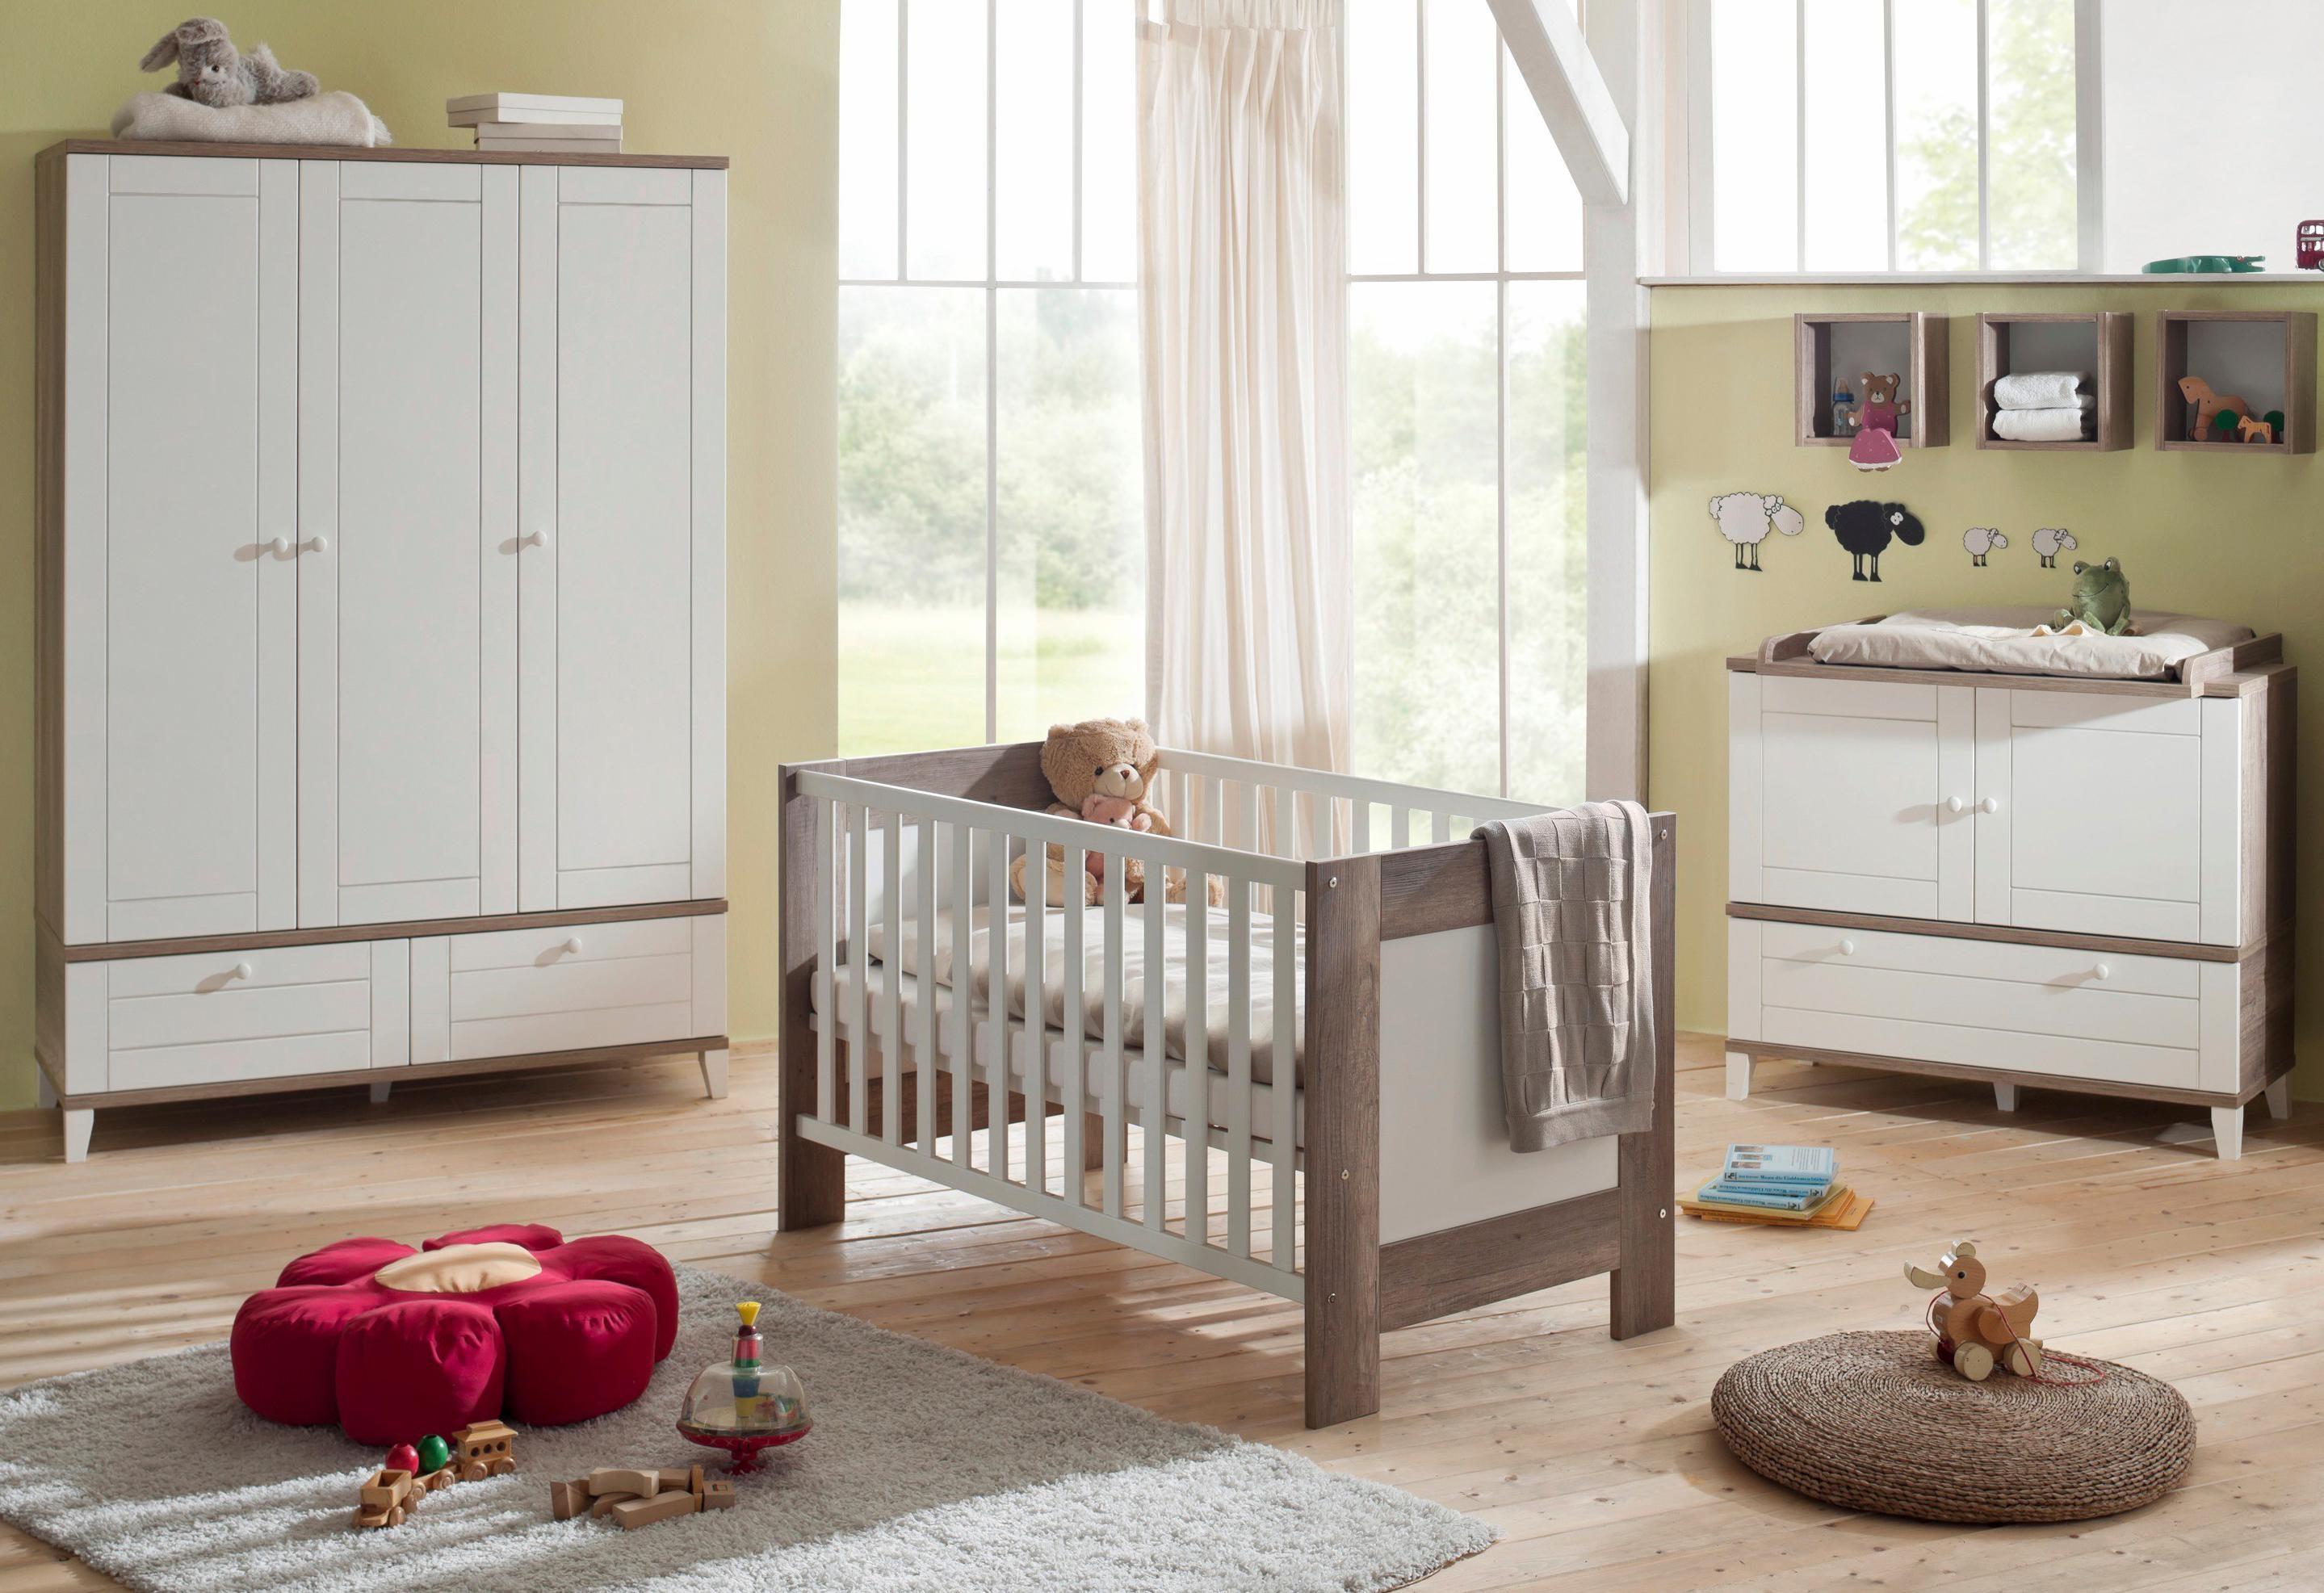 Komplett Babyzimmer »Bella« im Landhausstil: Babybett + Wickelkommode + Kleiderschrank (3-tlg.)